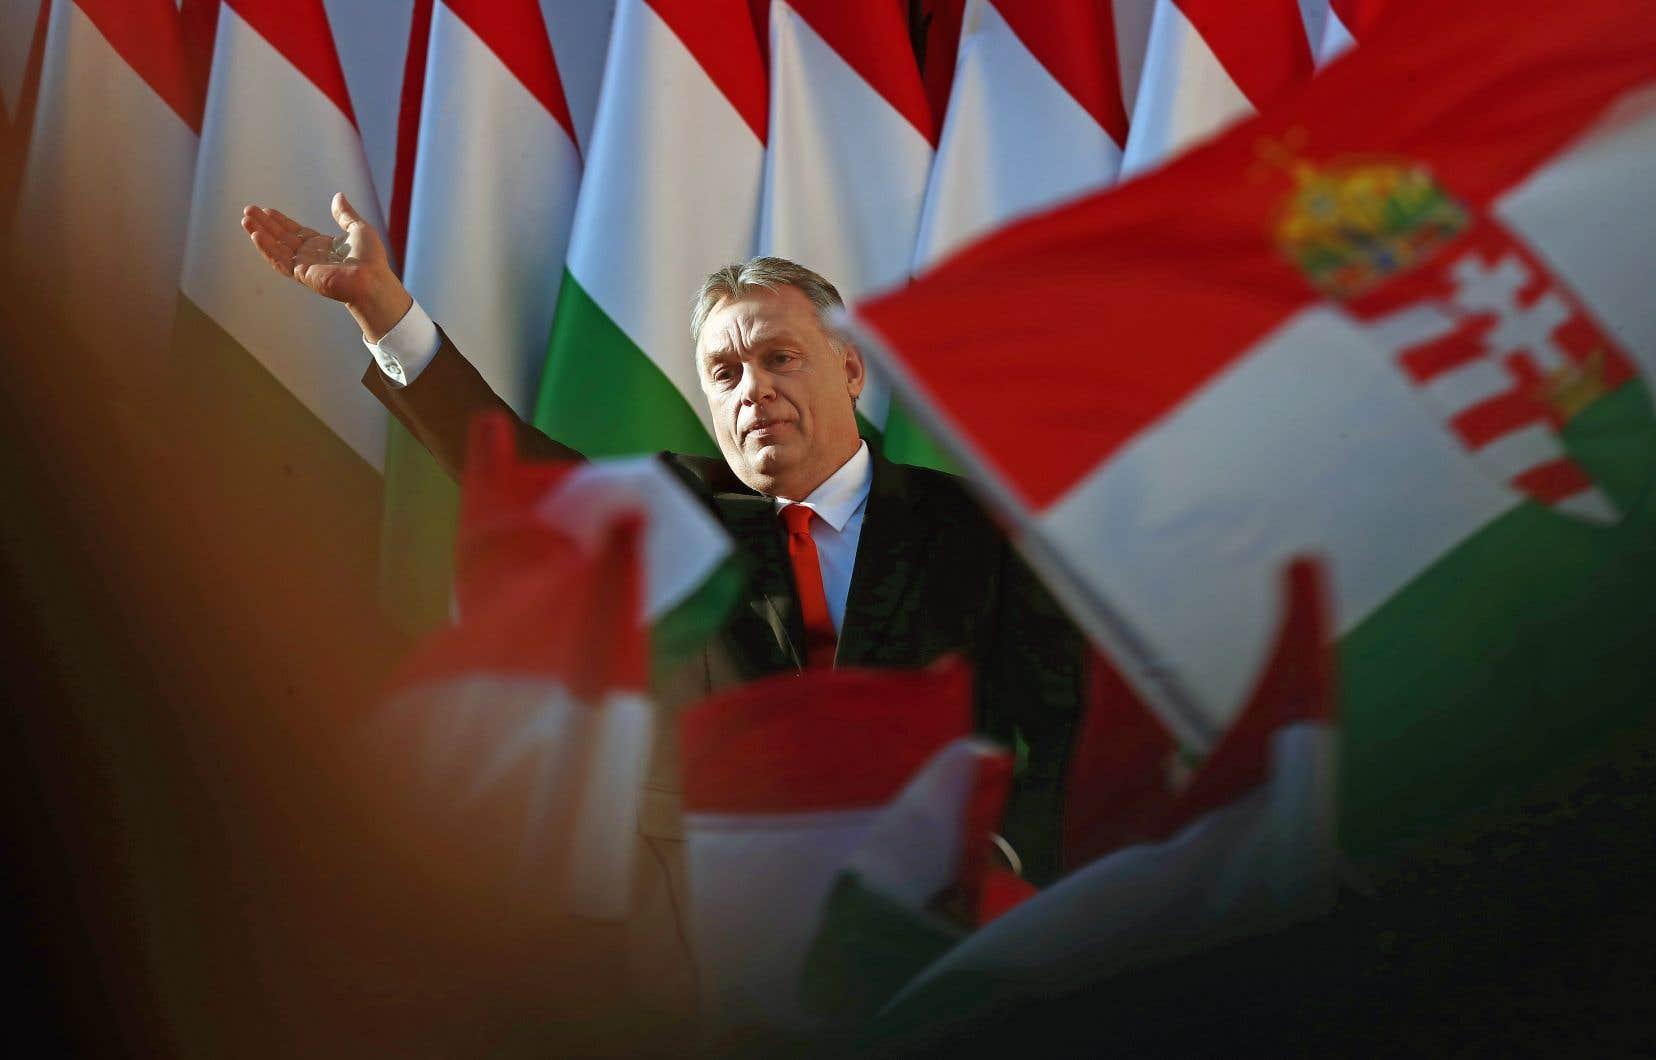 Le premier ministre hongrois a livré un discours pendant la dernière étape de sa campagne électorale, le 6avril, dans la ville de Szekesfehervar.